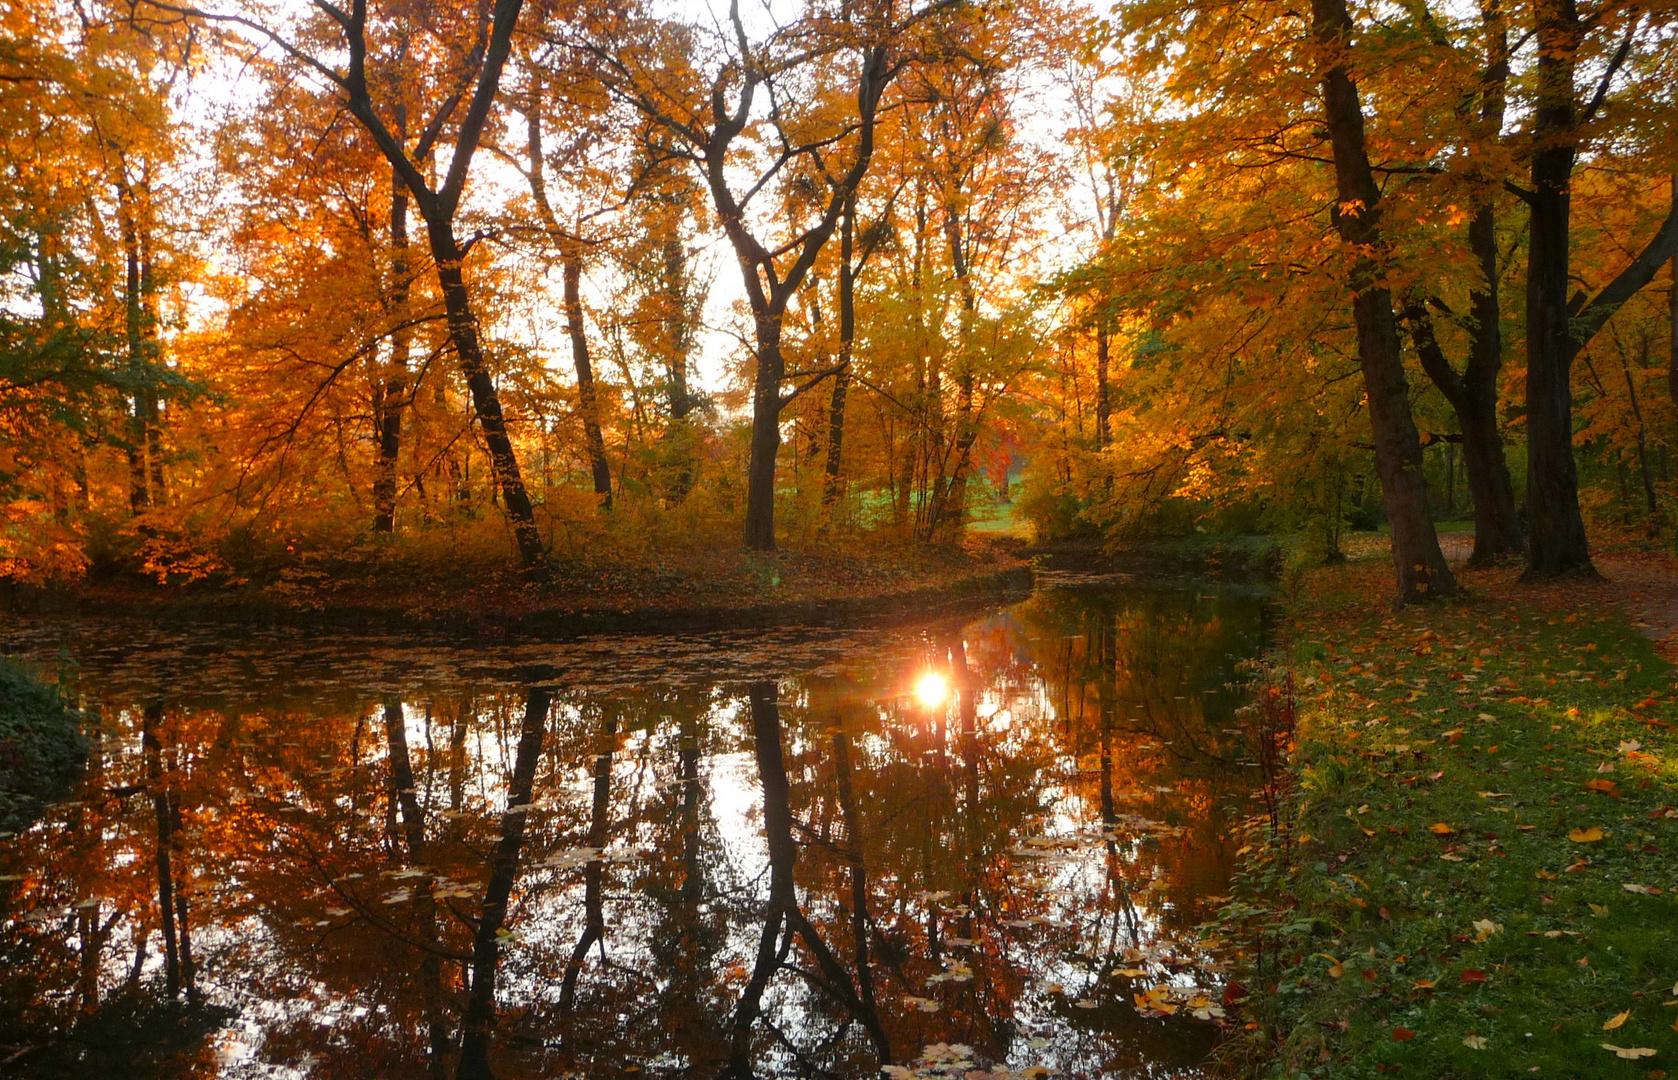 Herbst-lich(t)